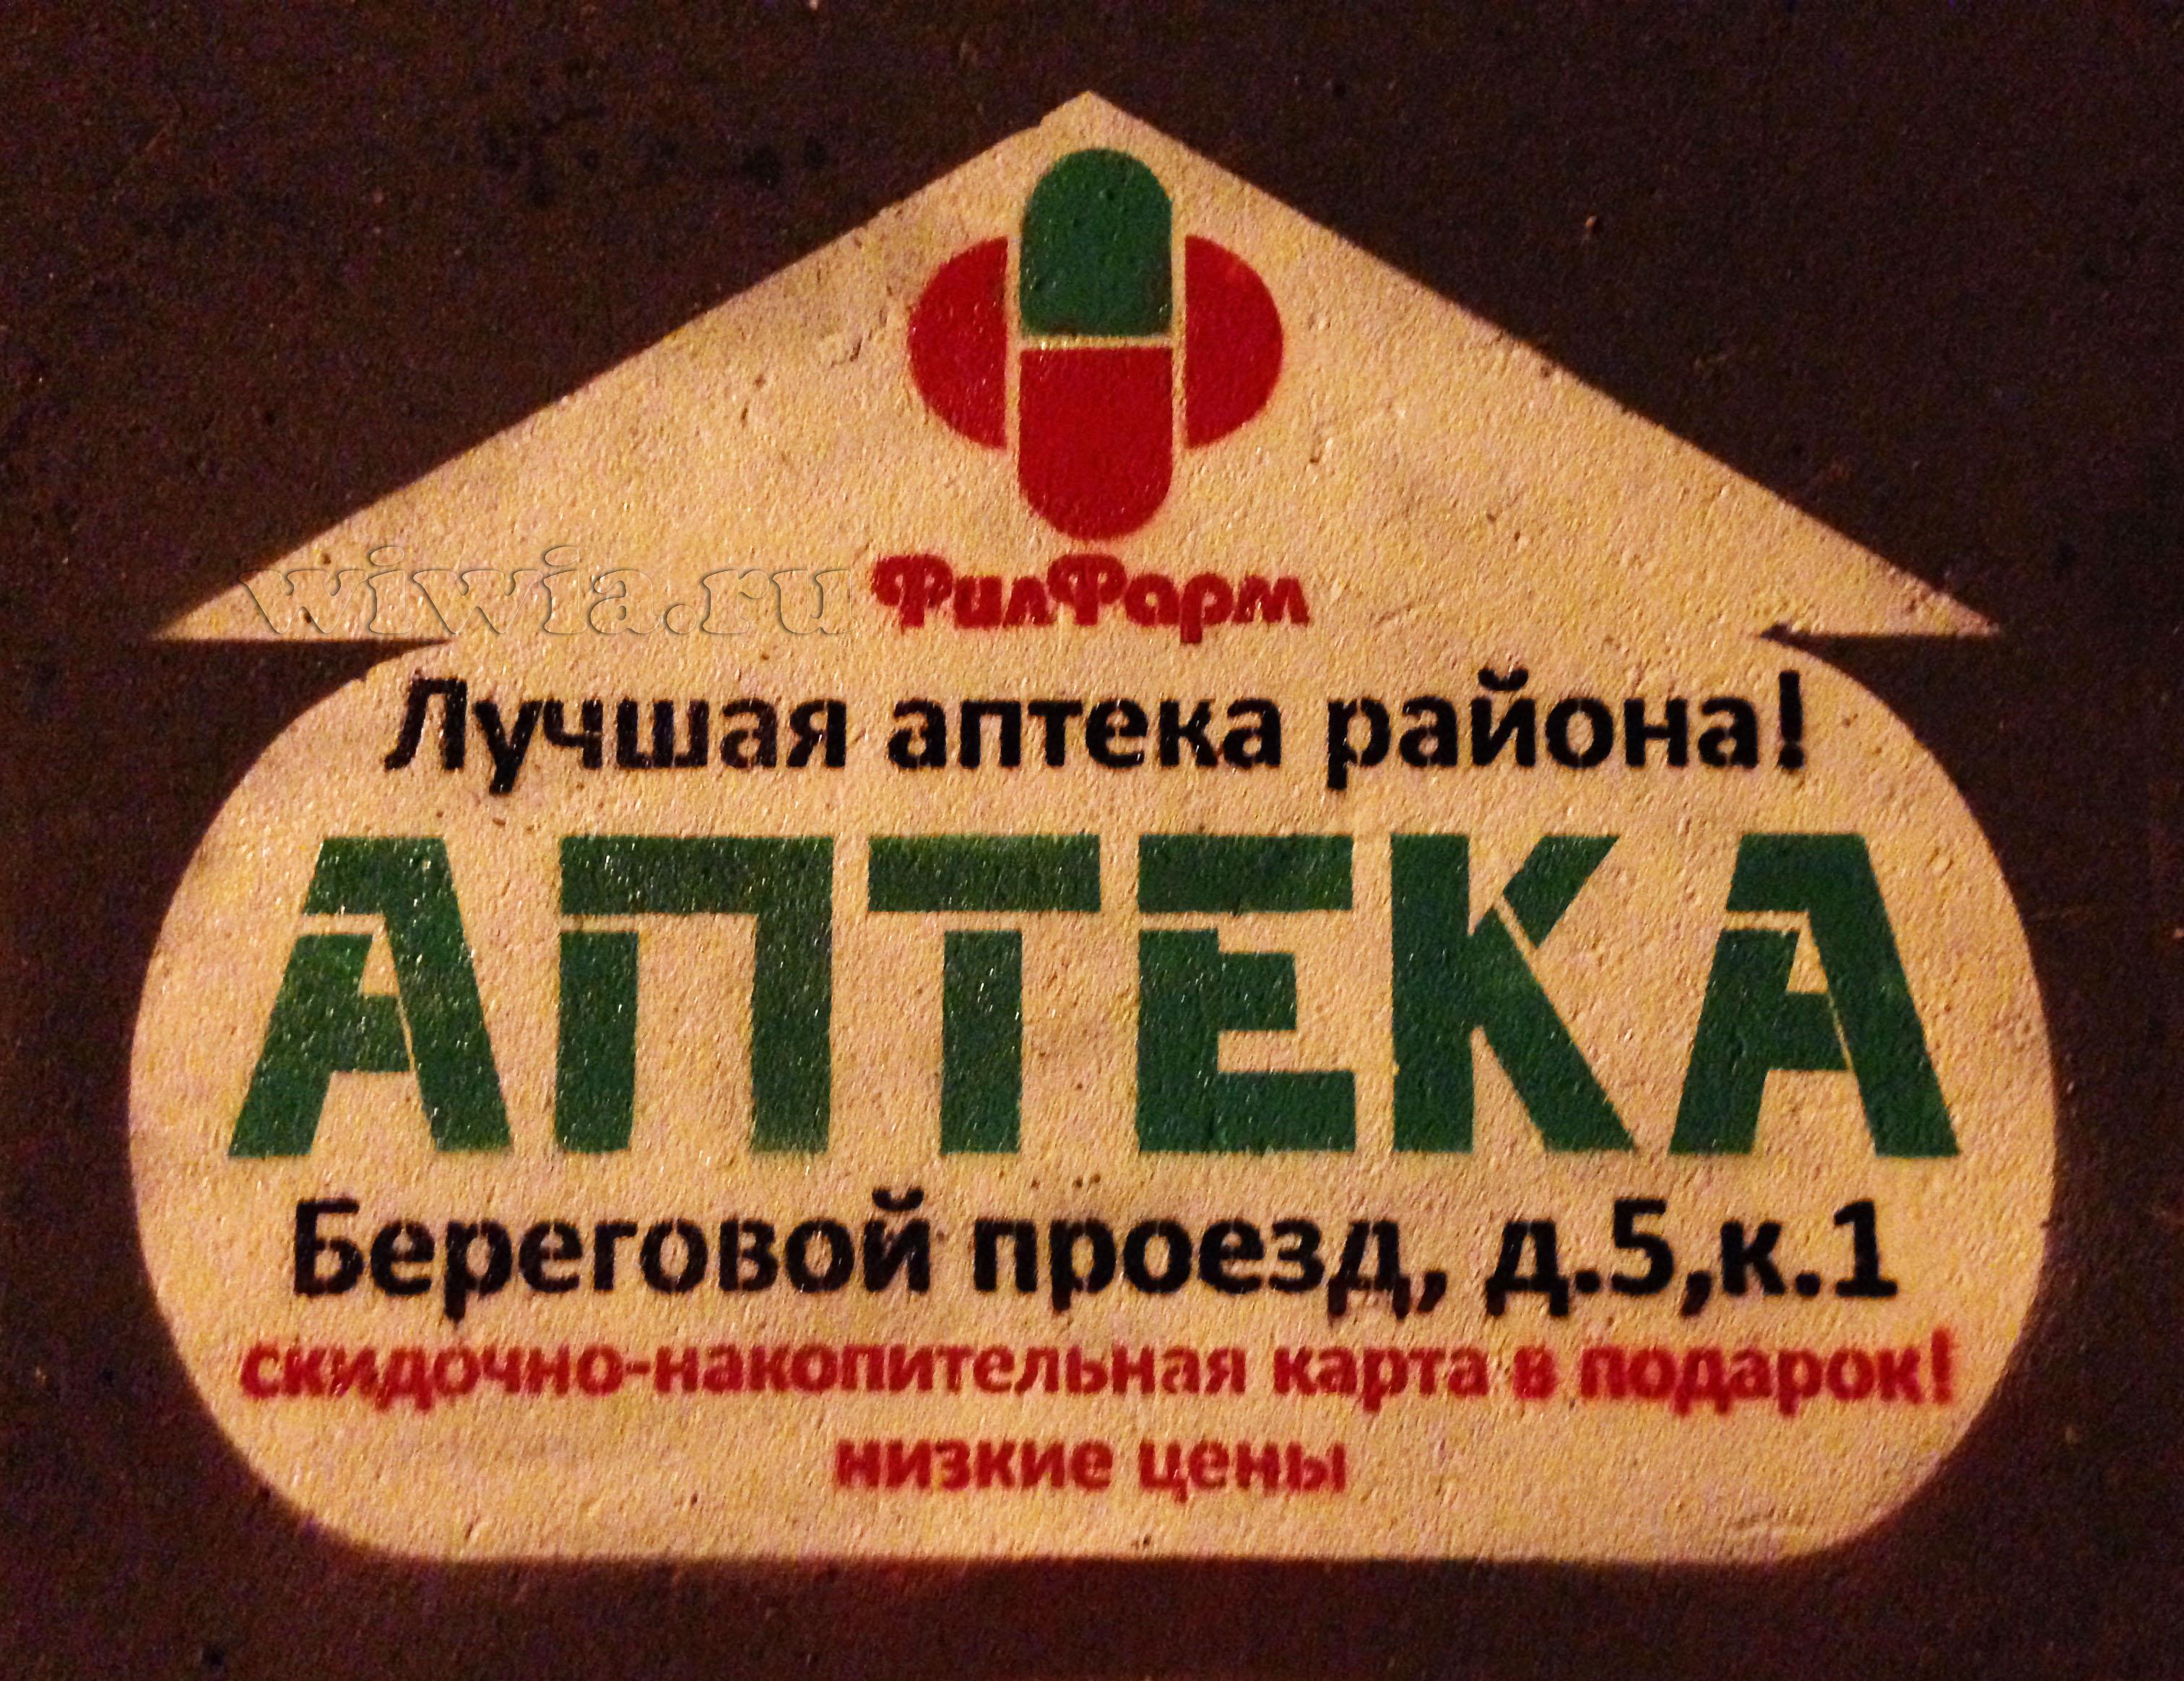 Реклама на асфальте для сети аптек.